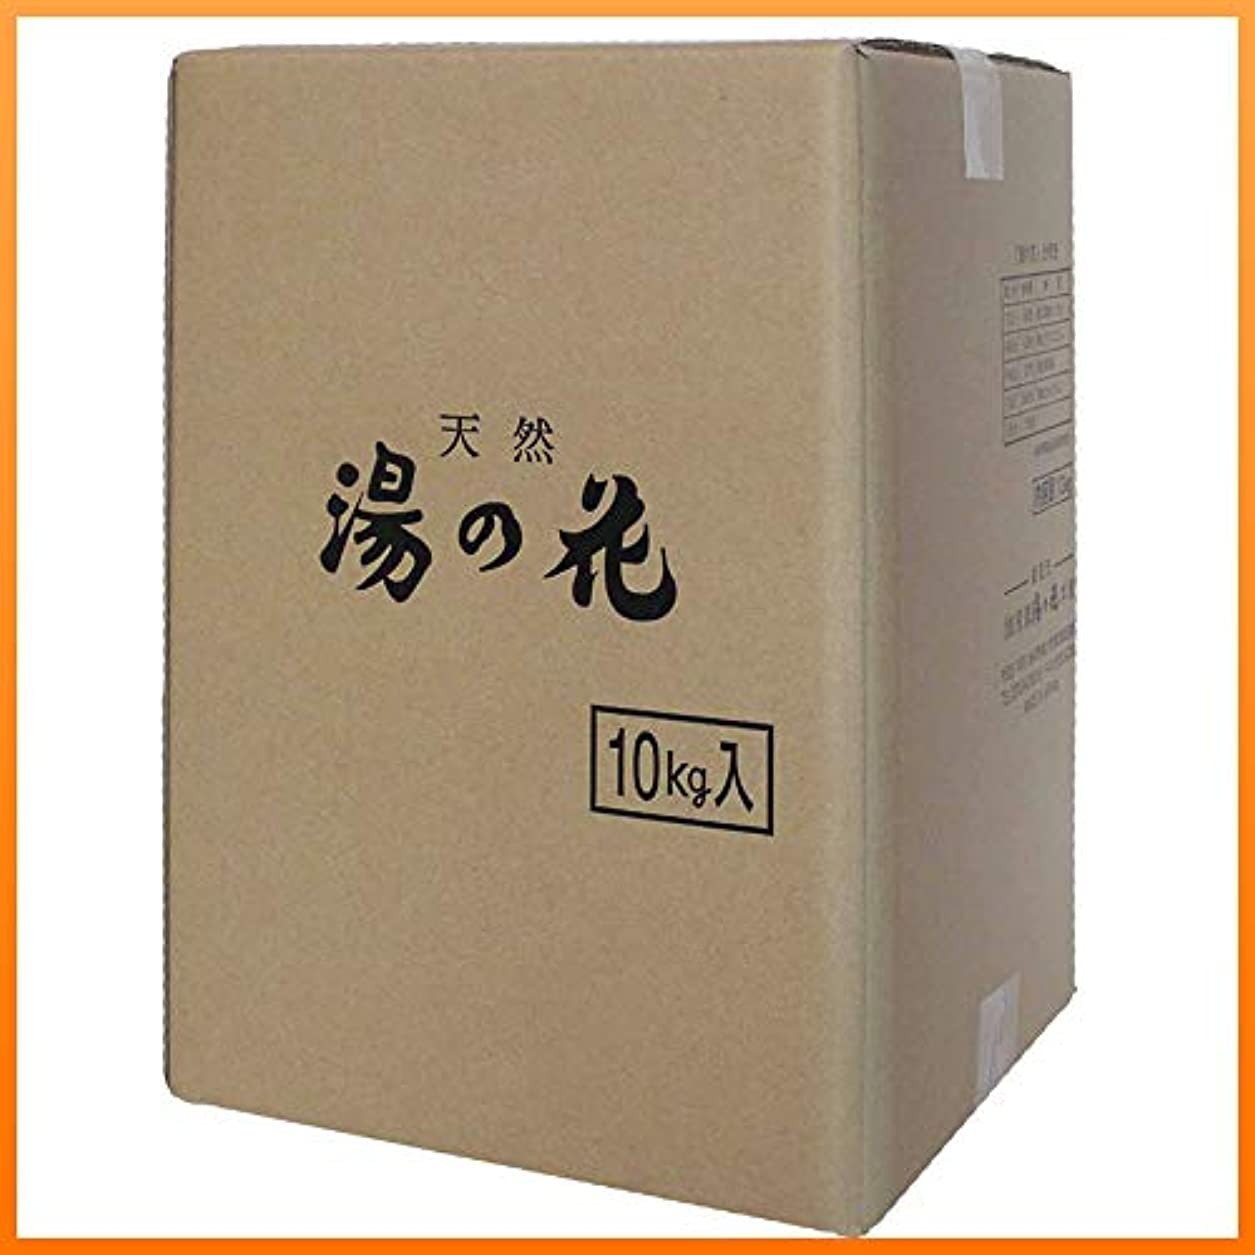 崇拝する全能リンス天然湯の花 (業務用) 10kg (飛騨高山温泉郷 にごり湯)